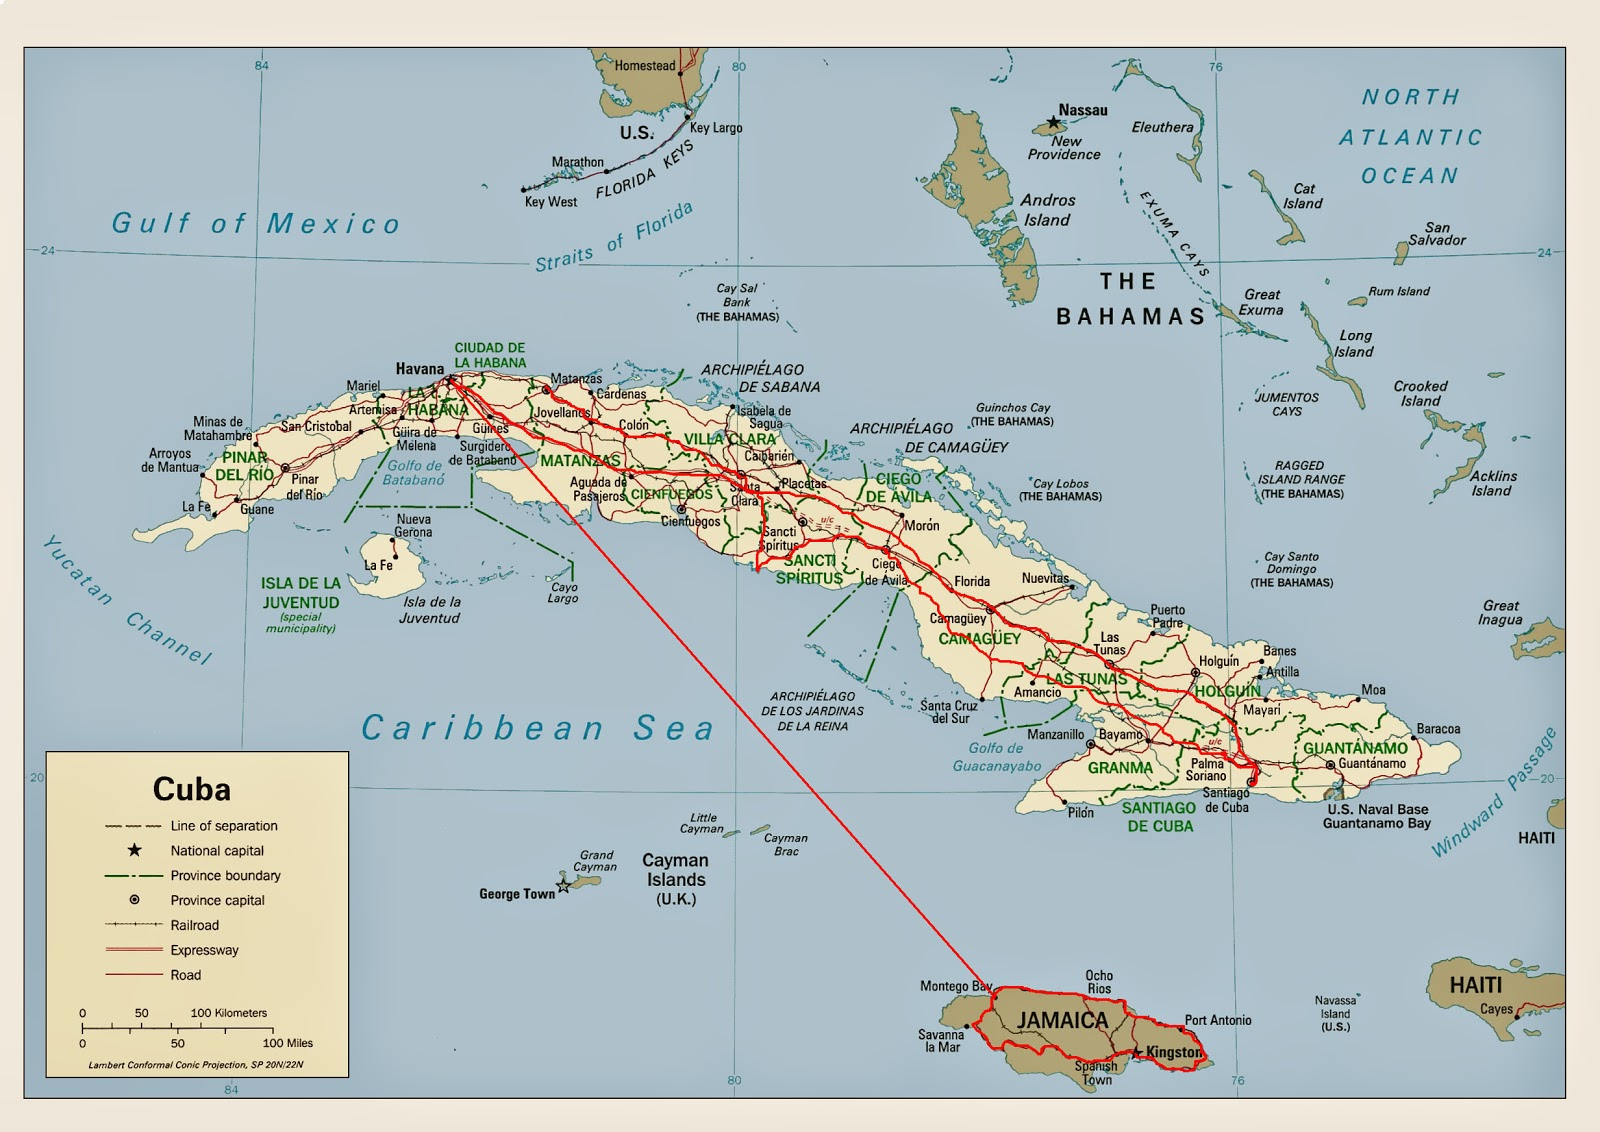 Cartina Italia Con Distanze Km.Guida Turistica Italiana A Cuba Organizzazione Vacanze Nella Isola